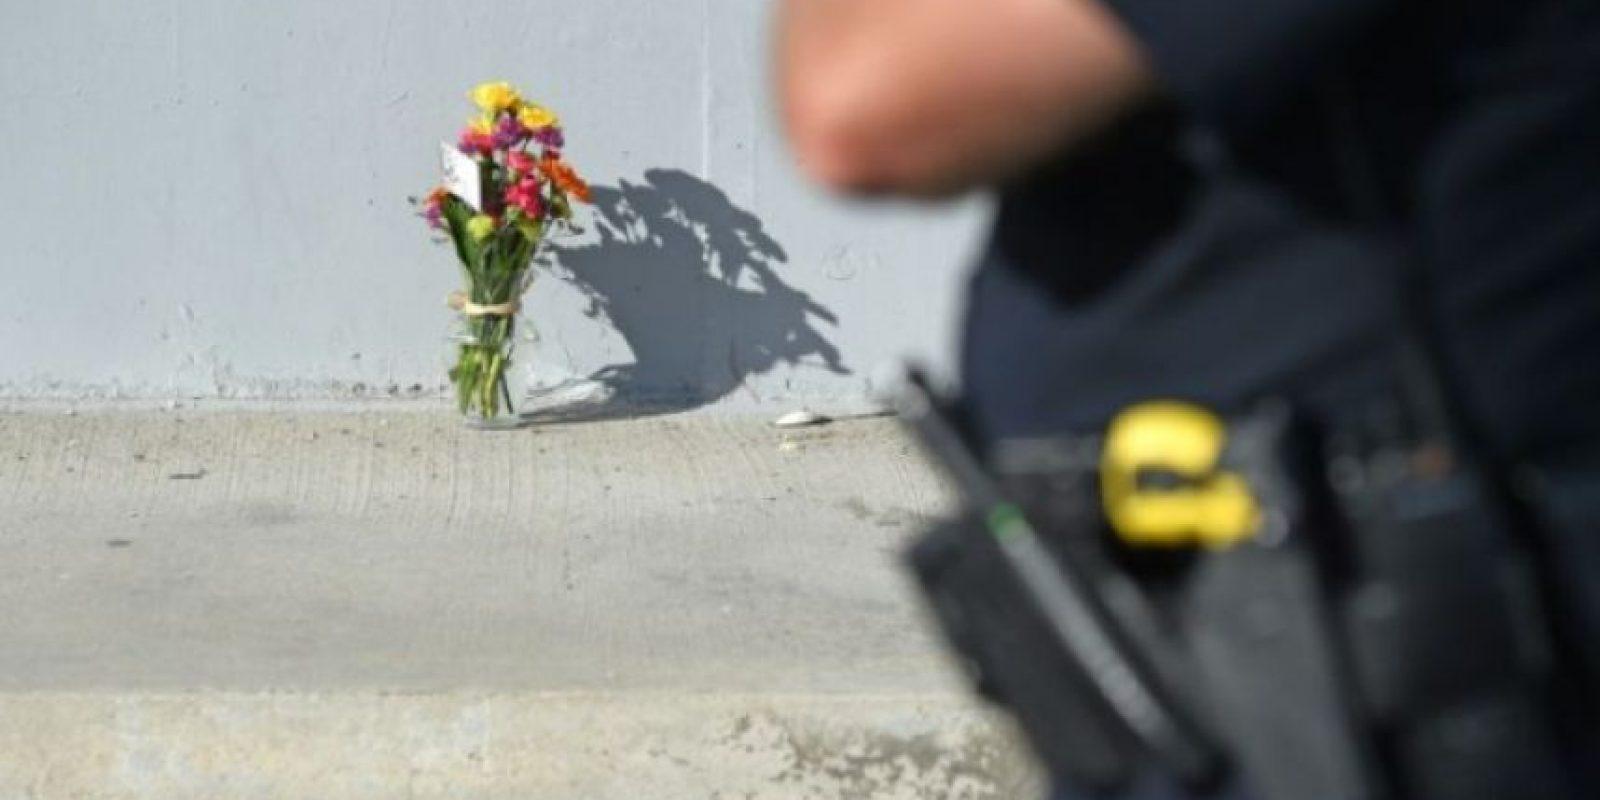 Los tiroteos en Kalamazoo, Michigan, dejaron al menos seis fallecidos. Foto:AFP